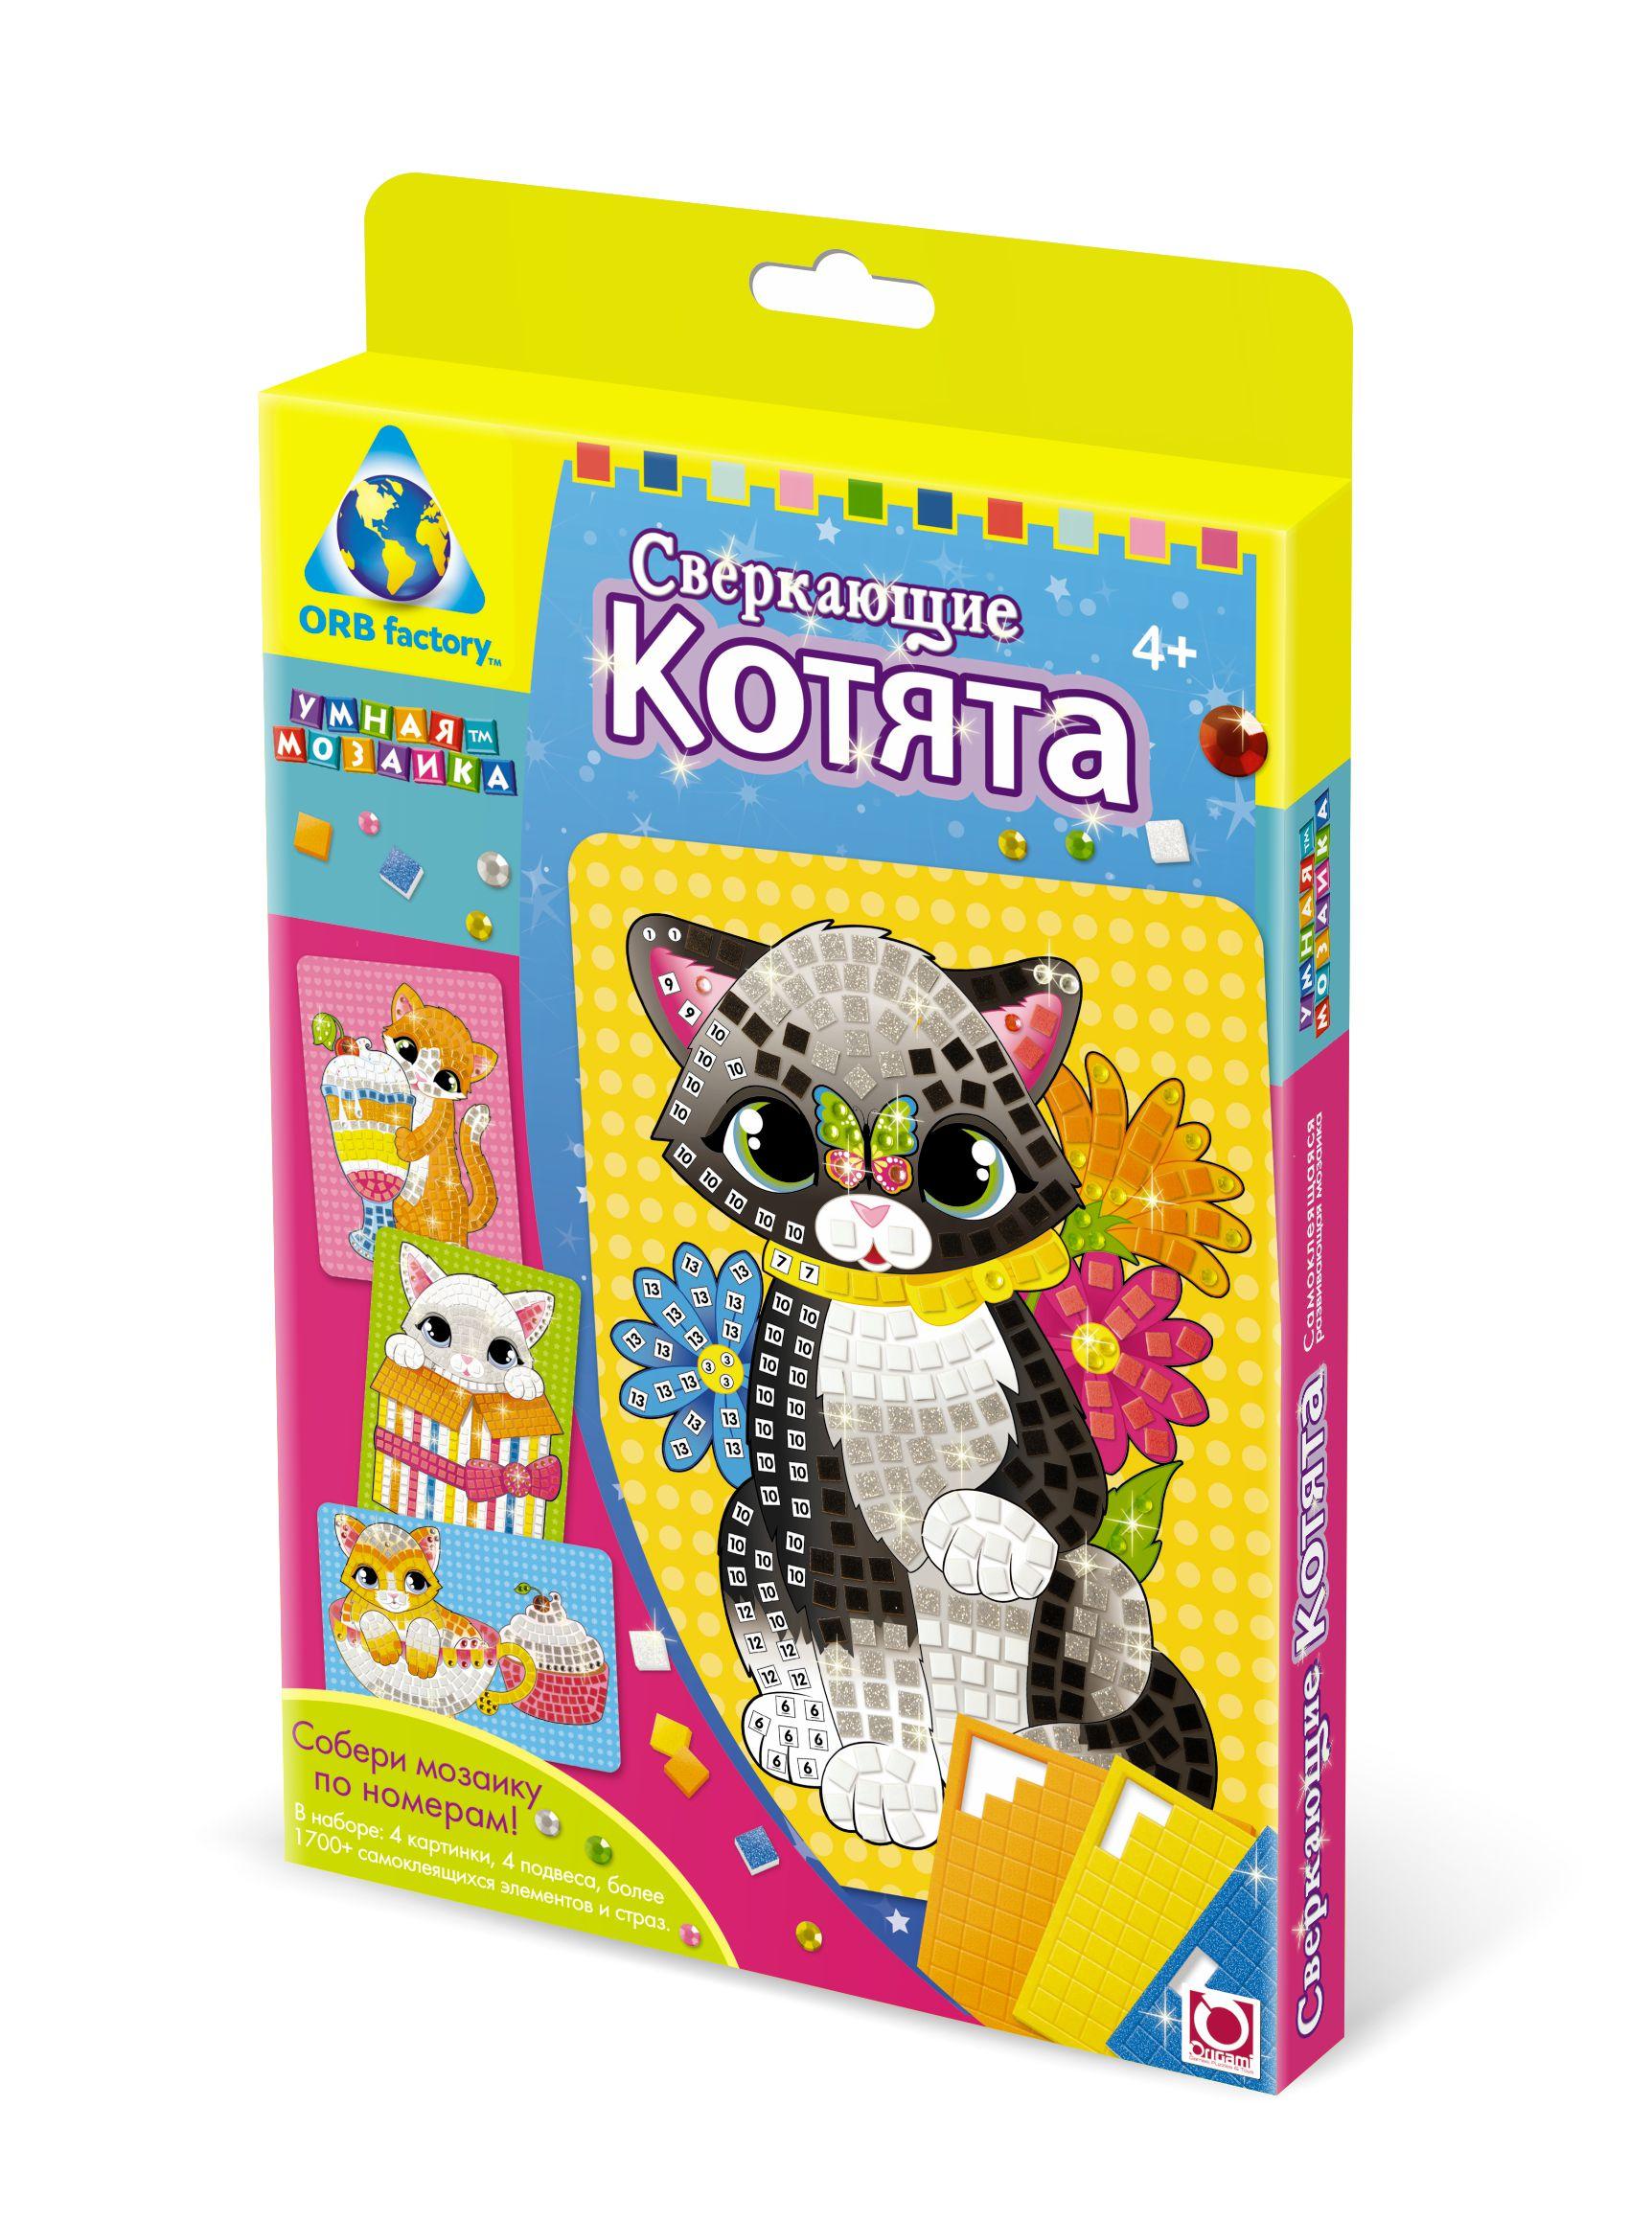 K.Orb.Мозаика-набор Сверкающие котята (4 шт.) арт.00424